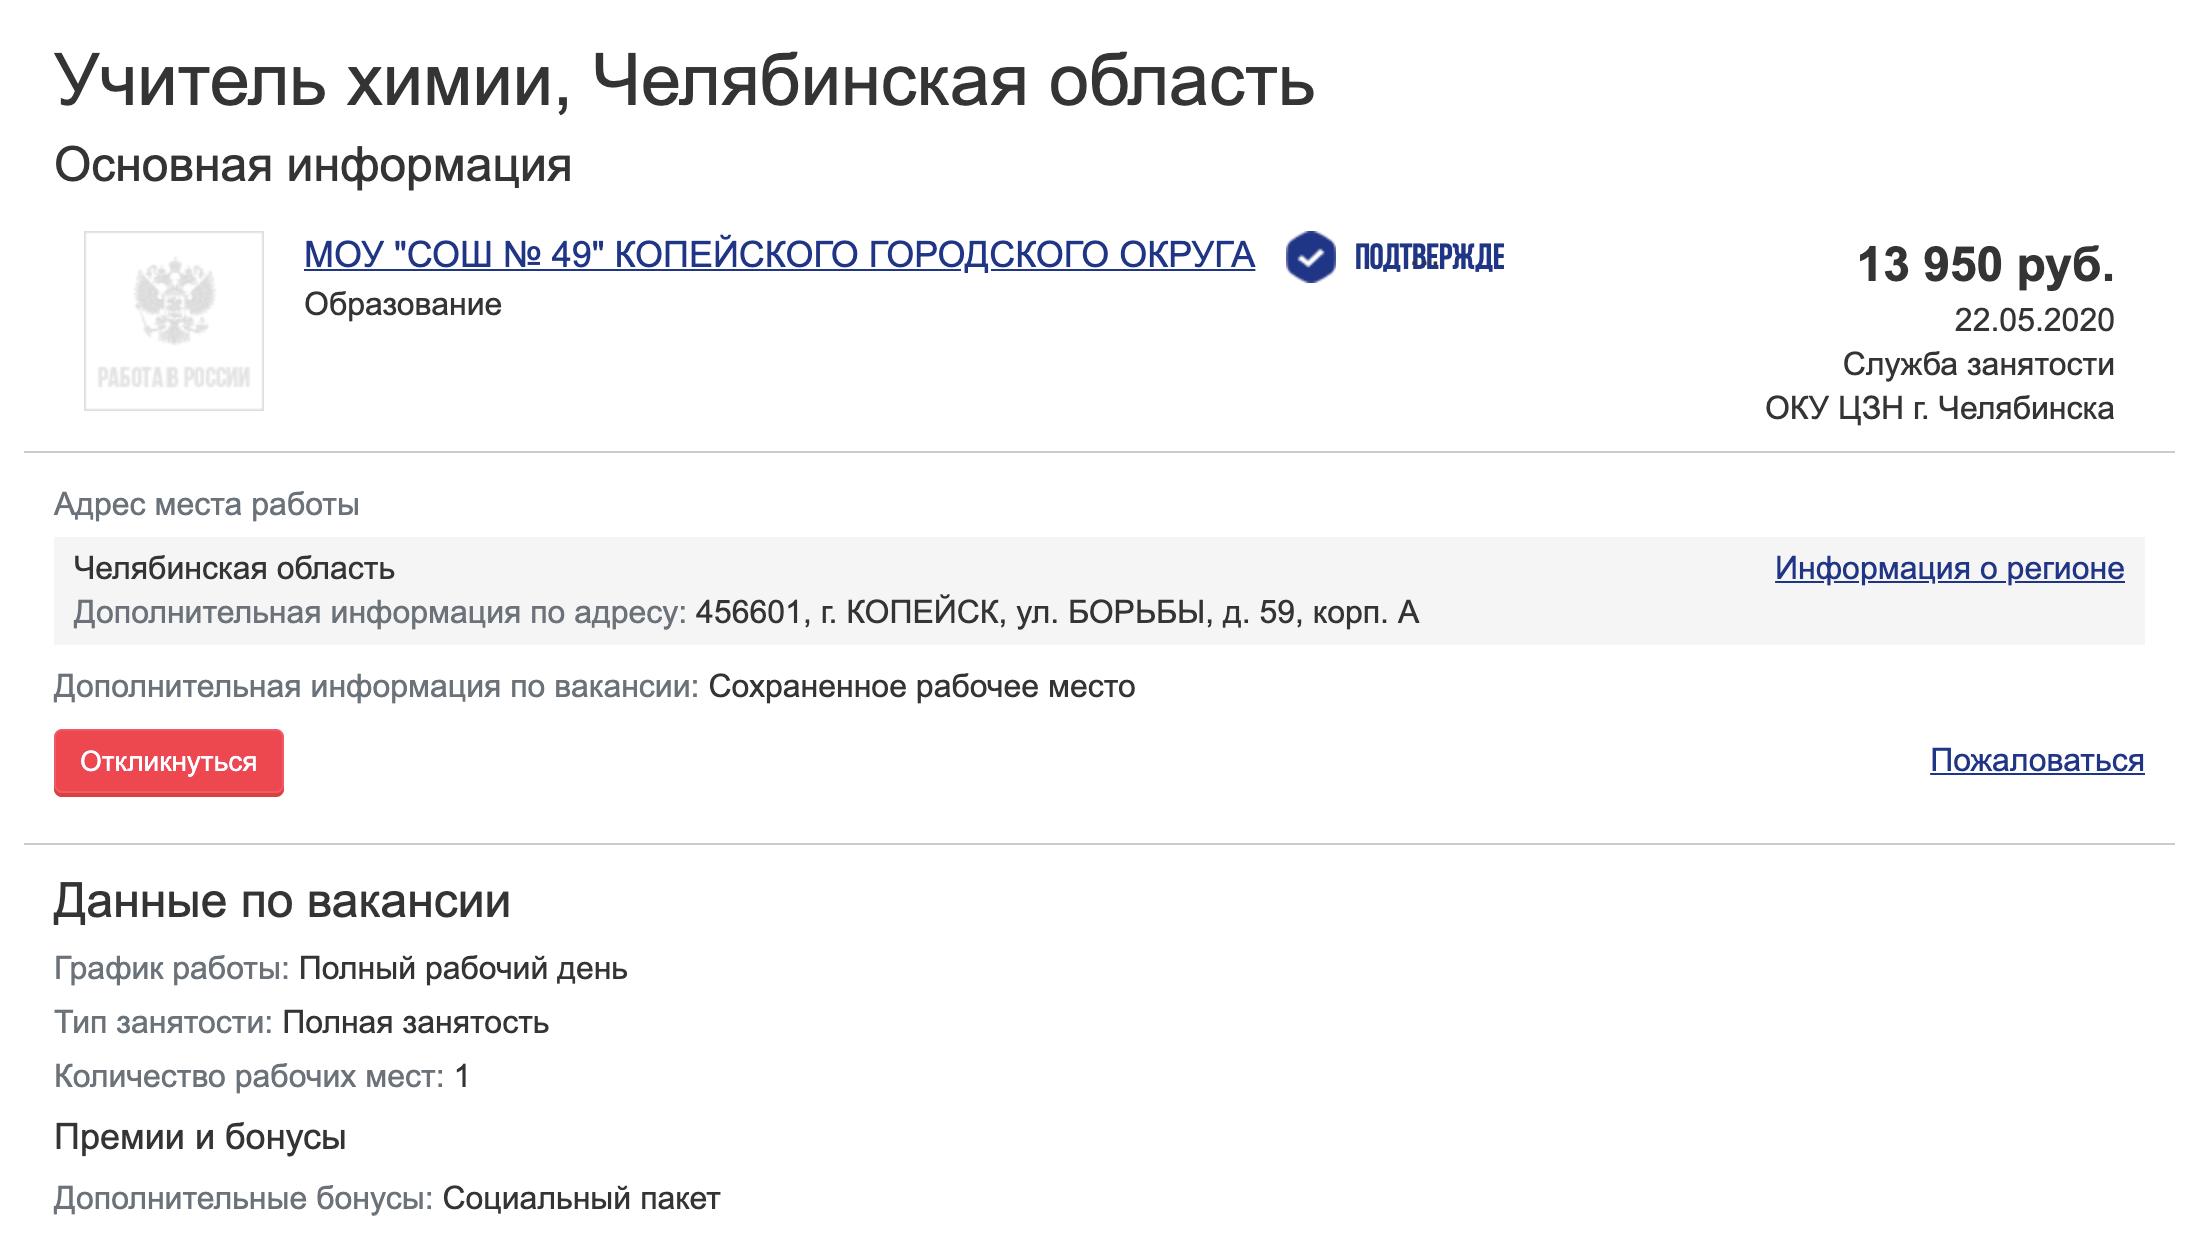 Учителю химии в Копейске Челябинской области предлагают 13 950<span class=ruble>Р</span>. Официальная зарплата школьного учителя в области — 33 701<span class=ruble>Р</span>, а средняя зарплата по региону — 37 407<span class=ruble>Р</span>